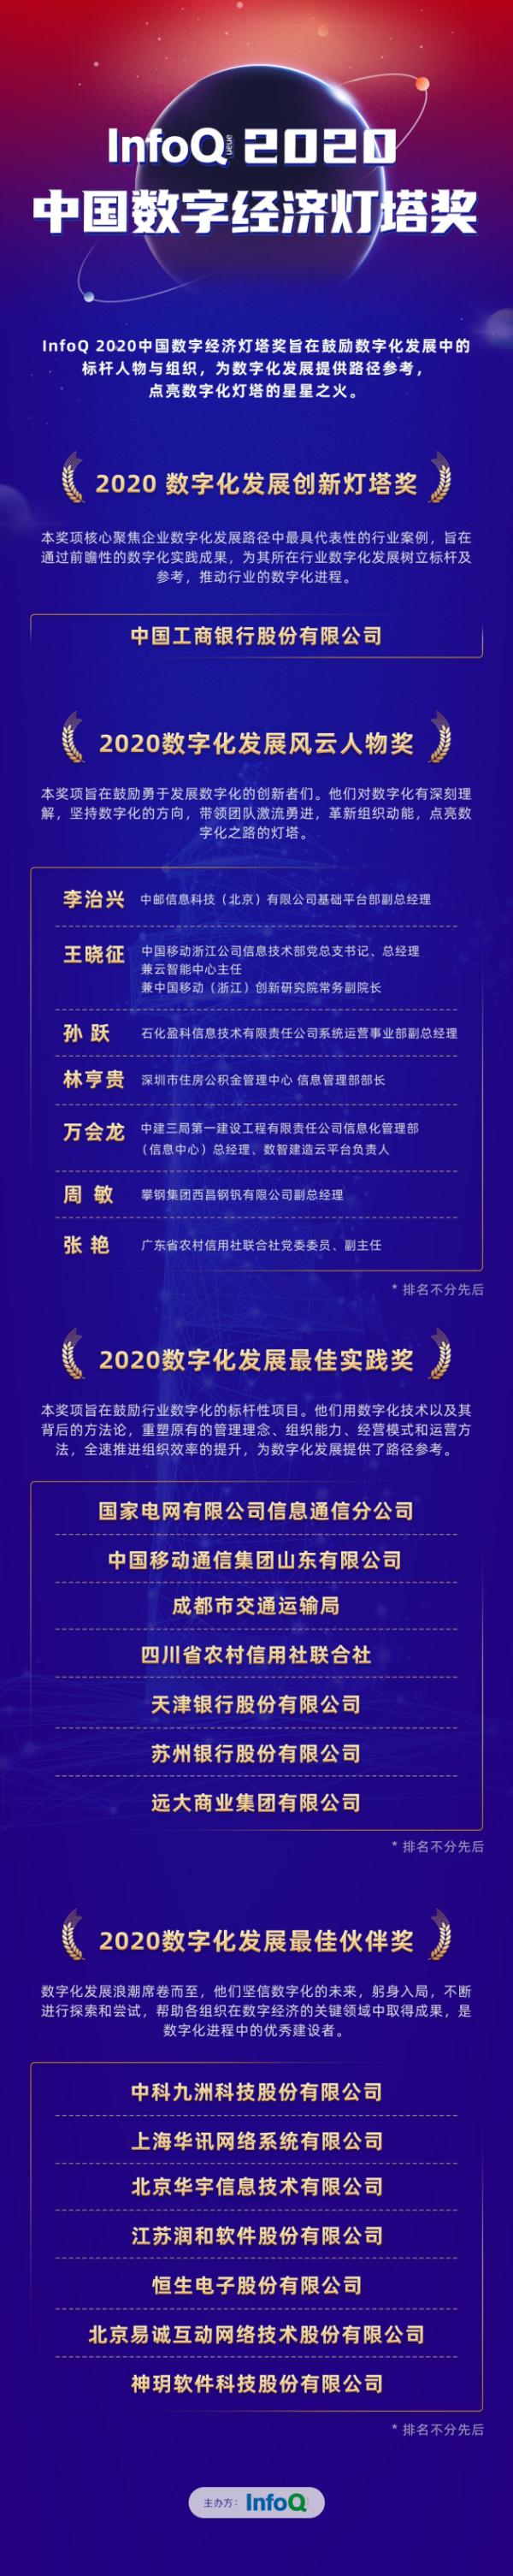 照亮未来数字化发展新方向丨InfoQ 2020中国数字经济灯塔奖正式揭晓